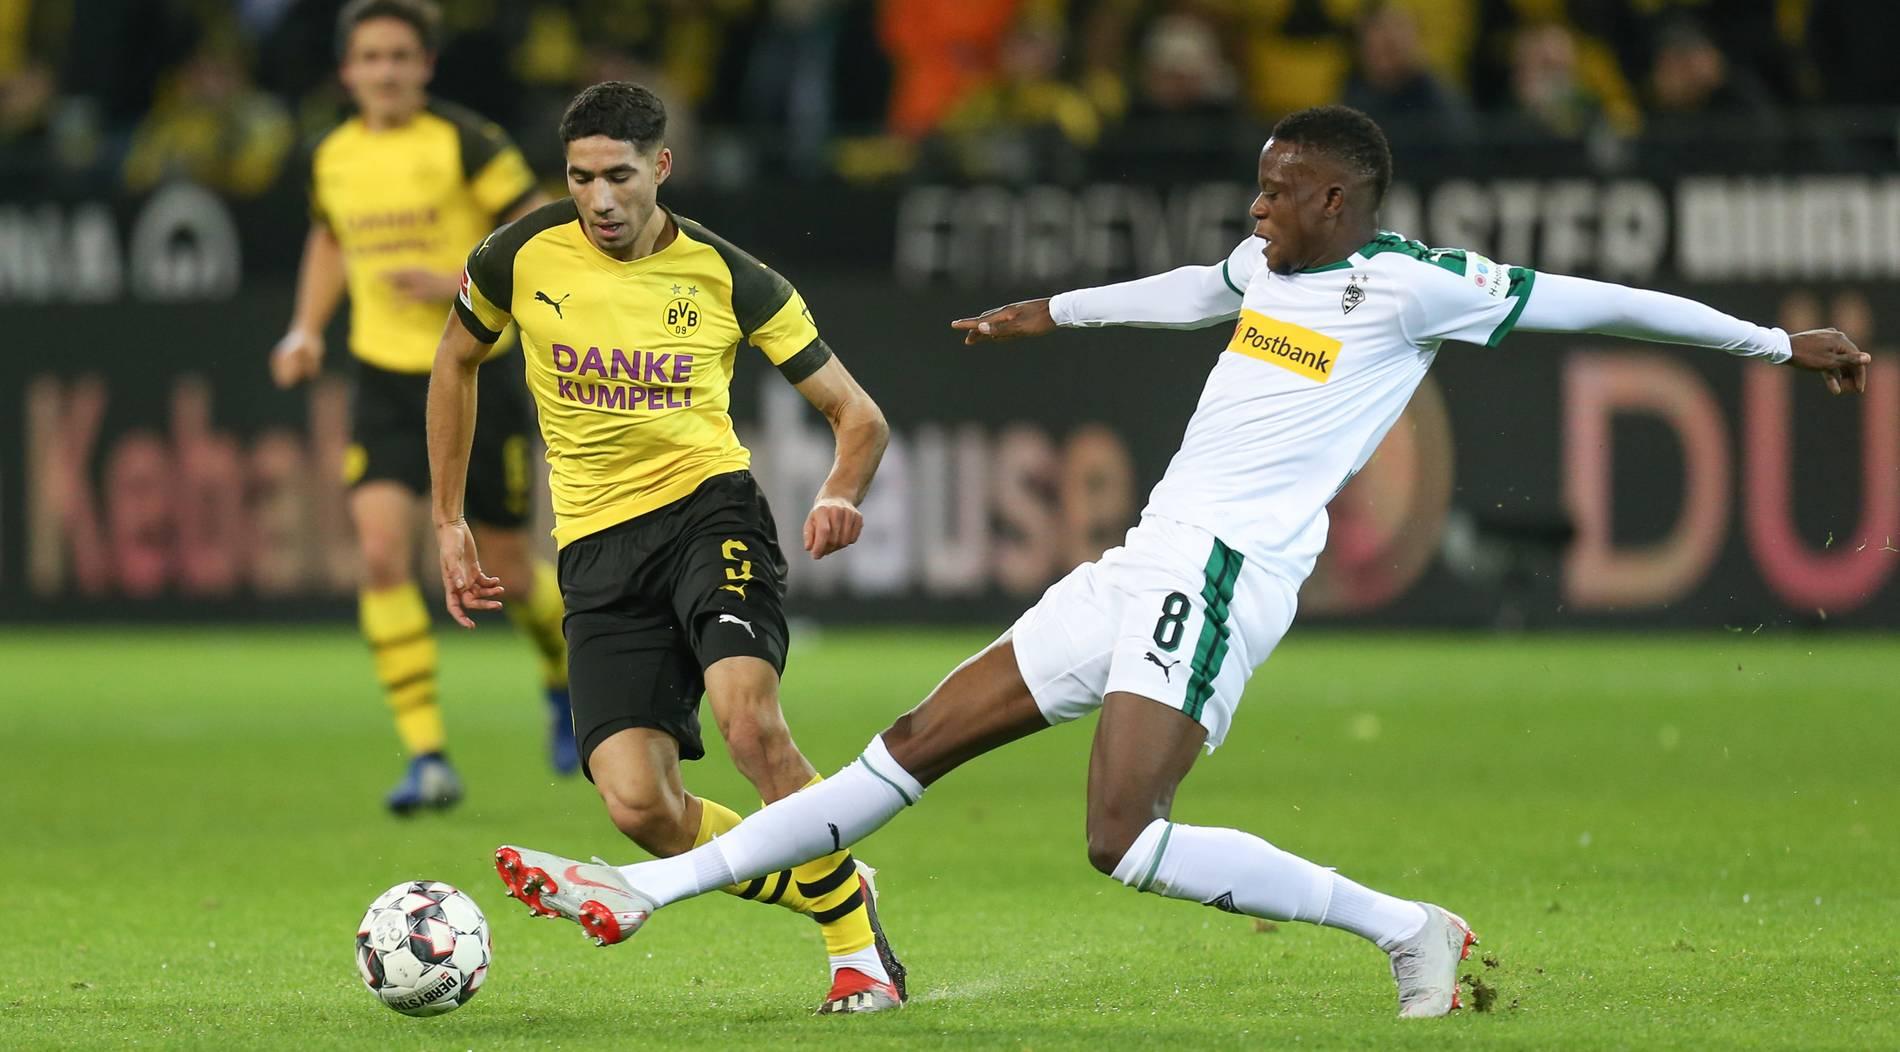 Hier gibt es Tickets für Borussias Finale gegen den BVB